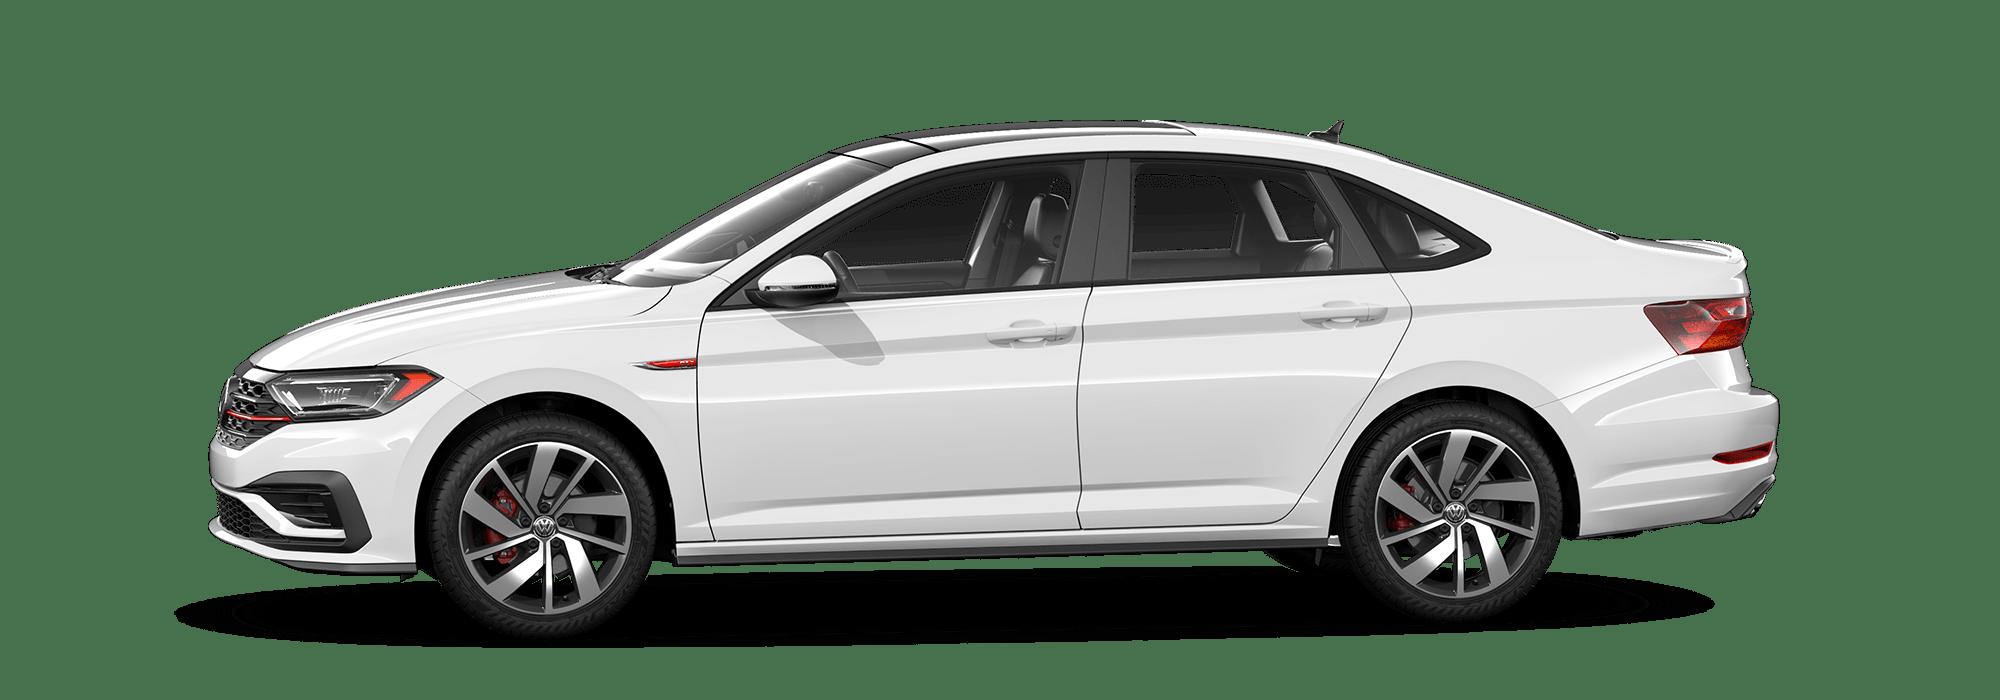 2020 Pure White - VW Jetta GLI